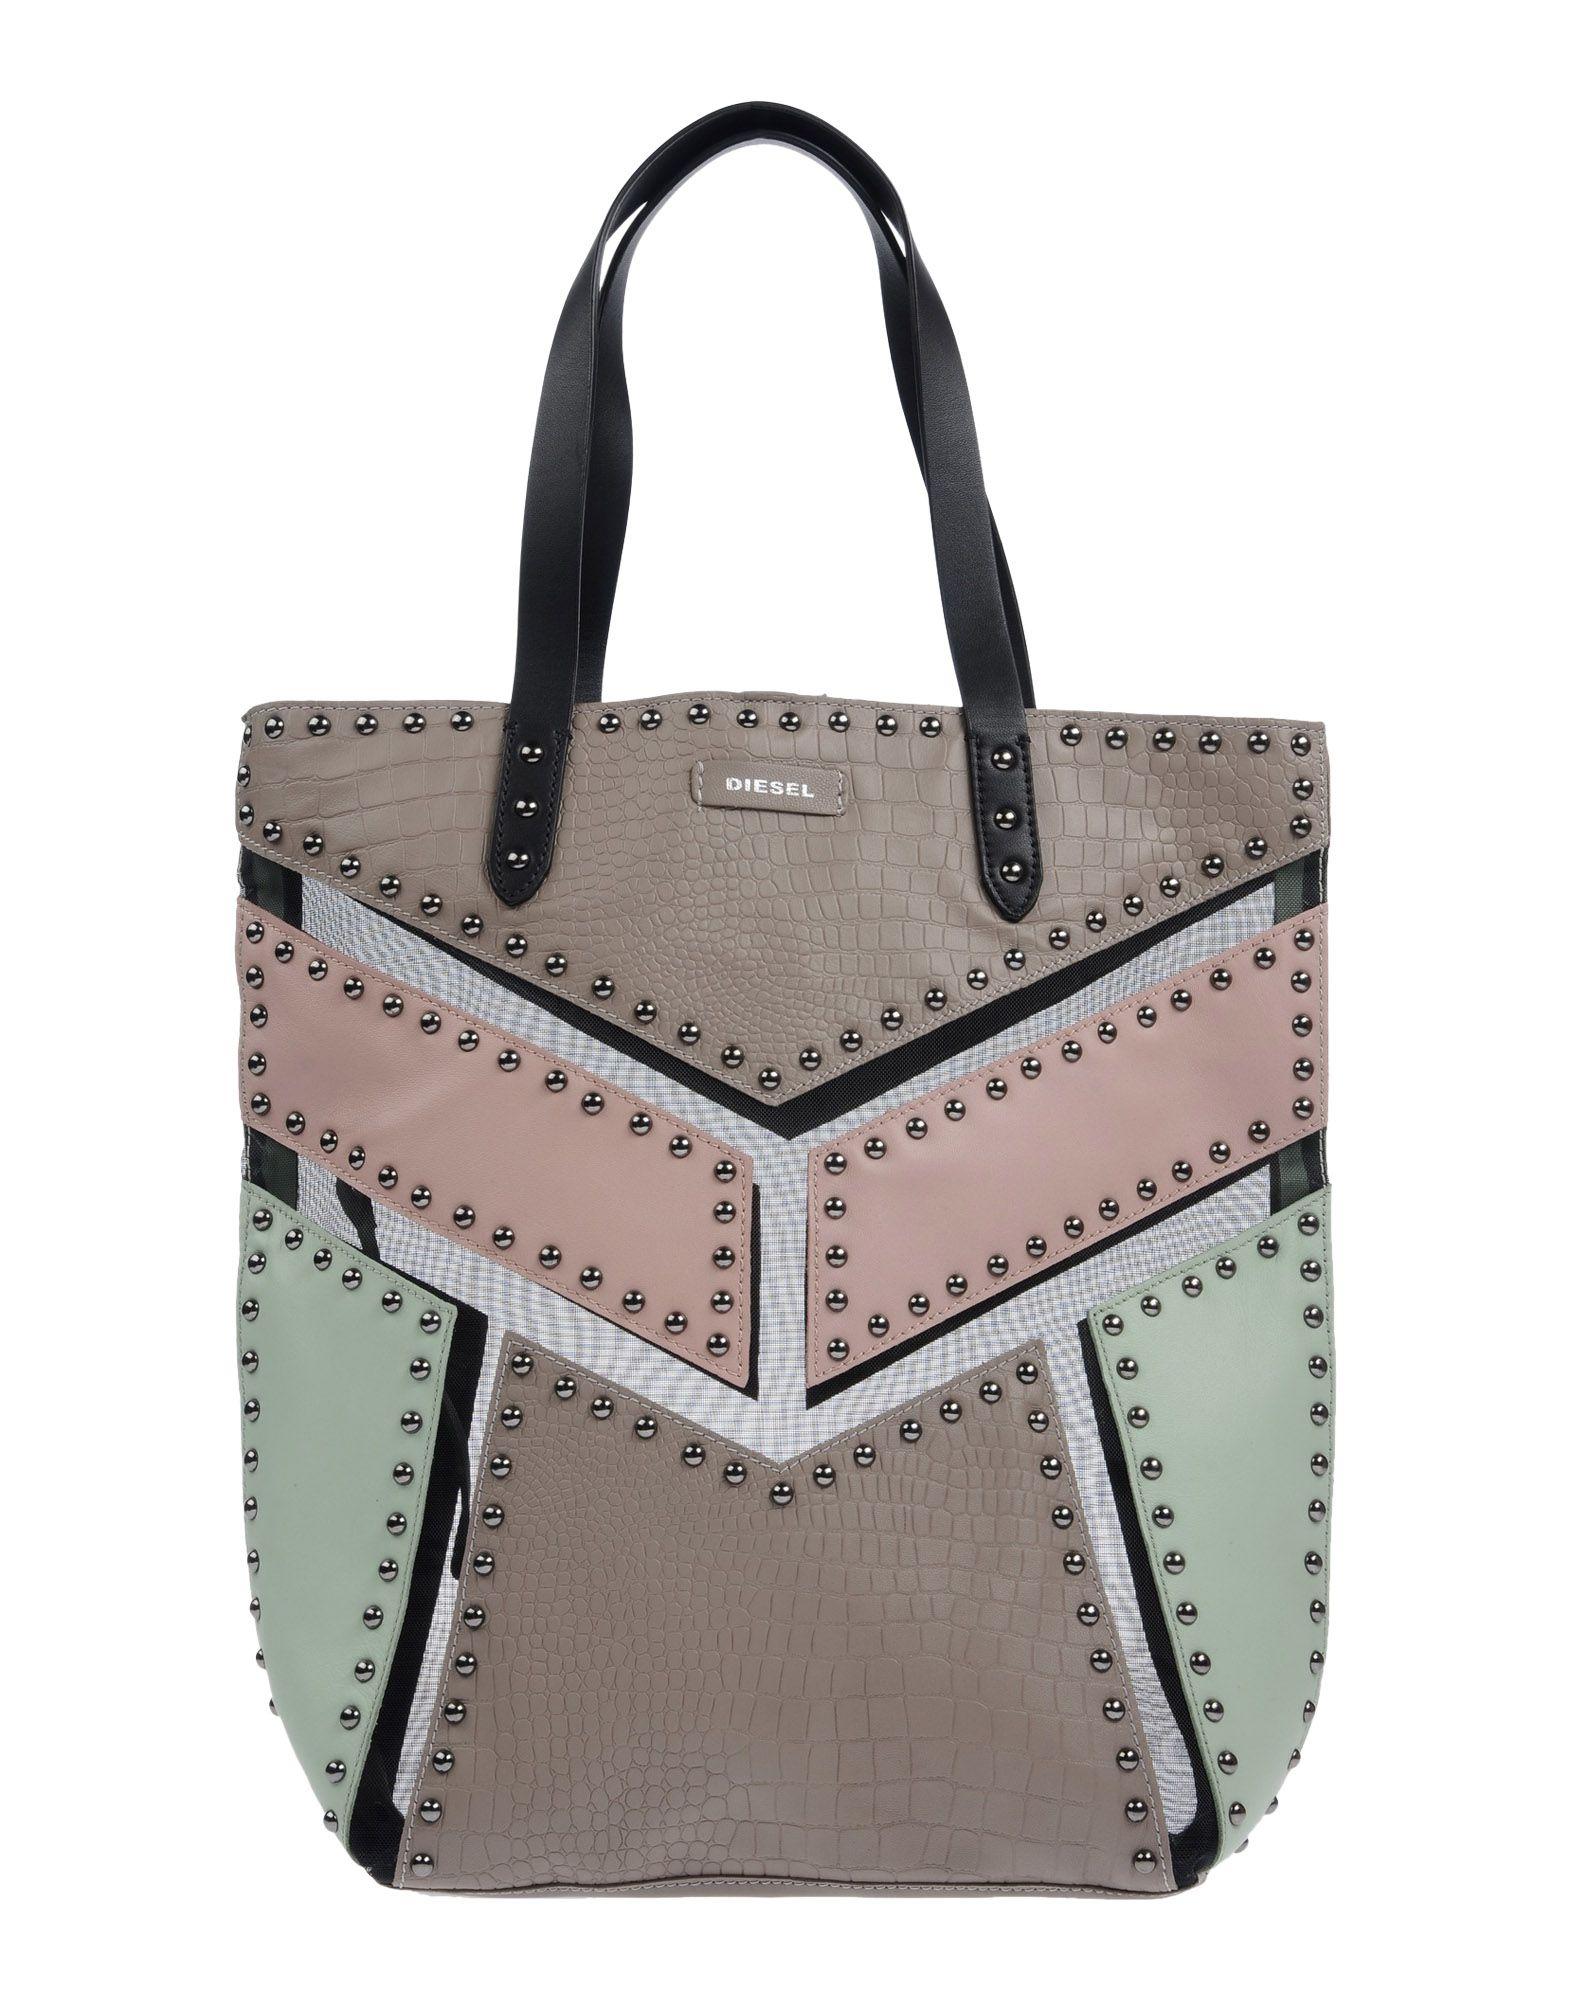 《送料無料》DIESEL レディース ハンドバッグ ドーブグレー 革 / 紡績繊維